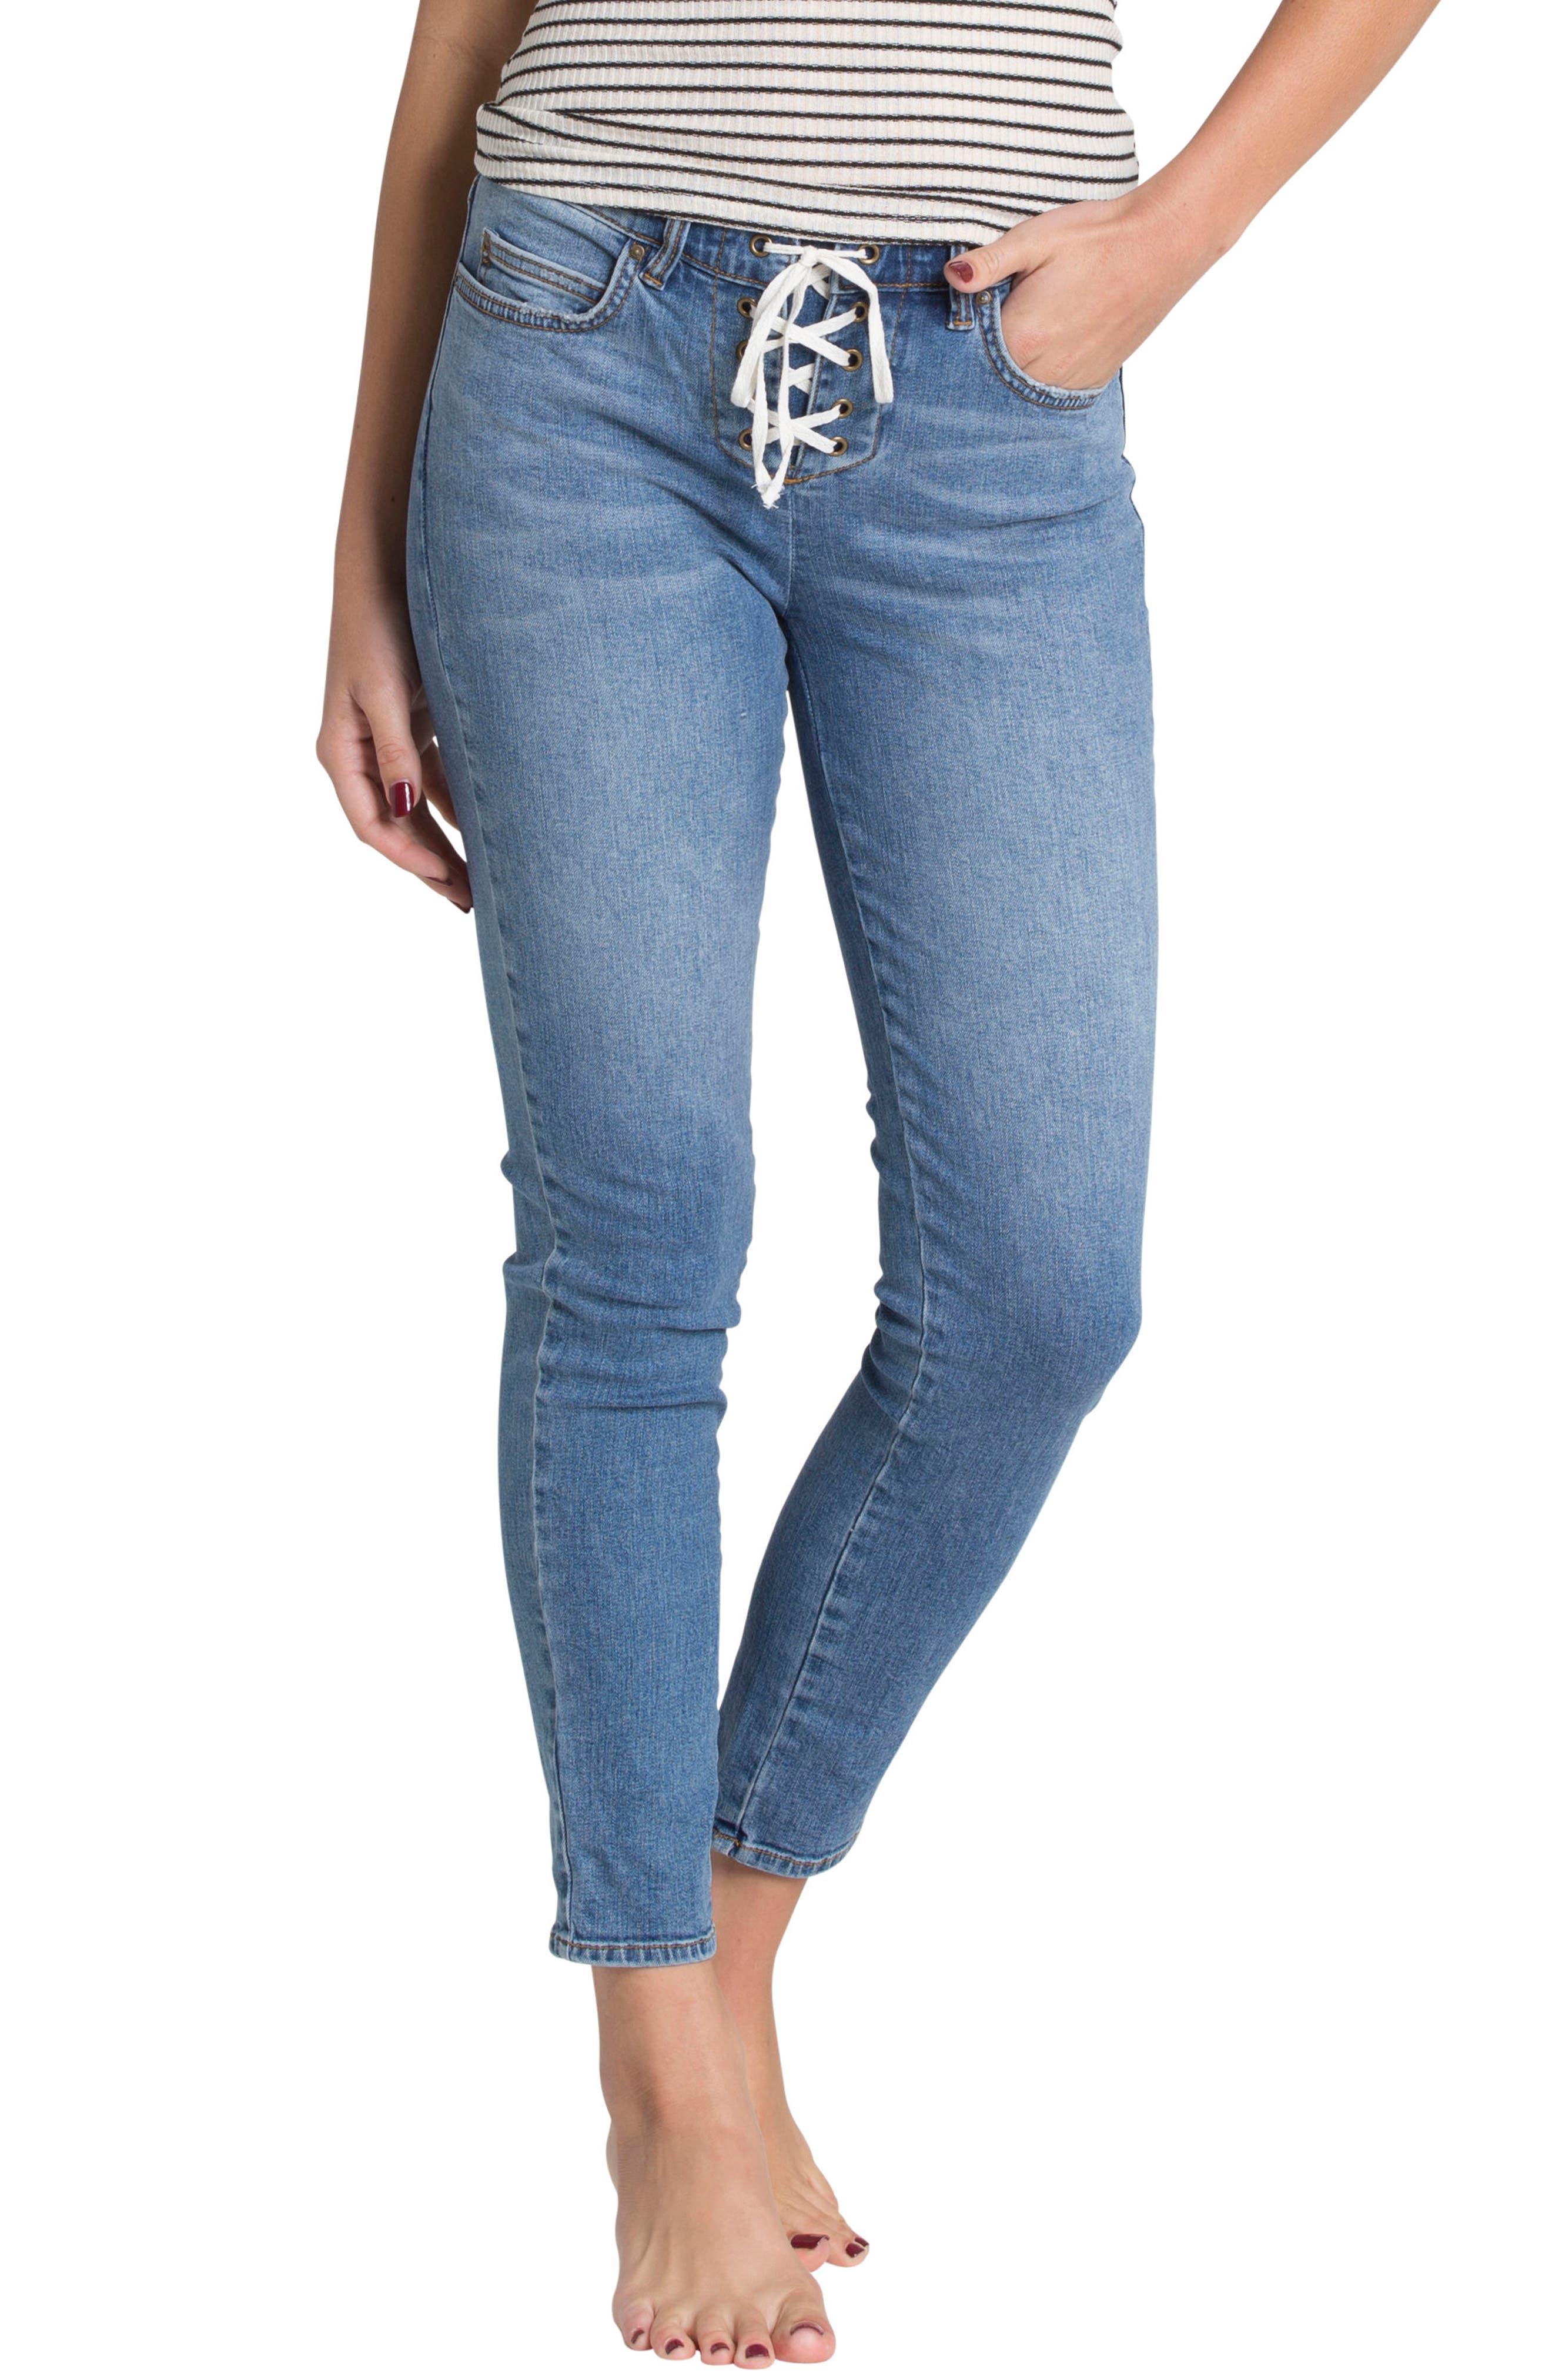 Alternate Image 1 Selected - Billabong Side by Side Skinny Jeans (Blue Tide)